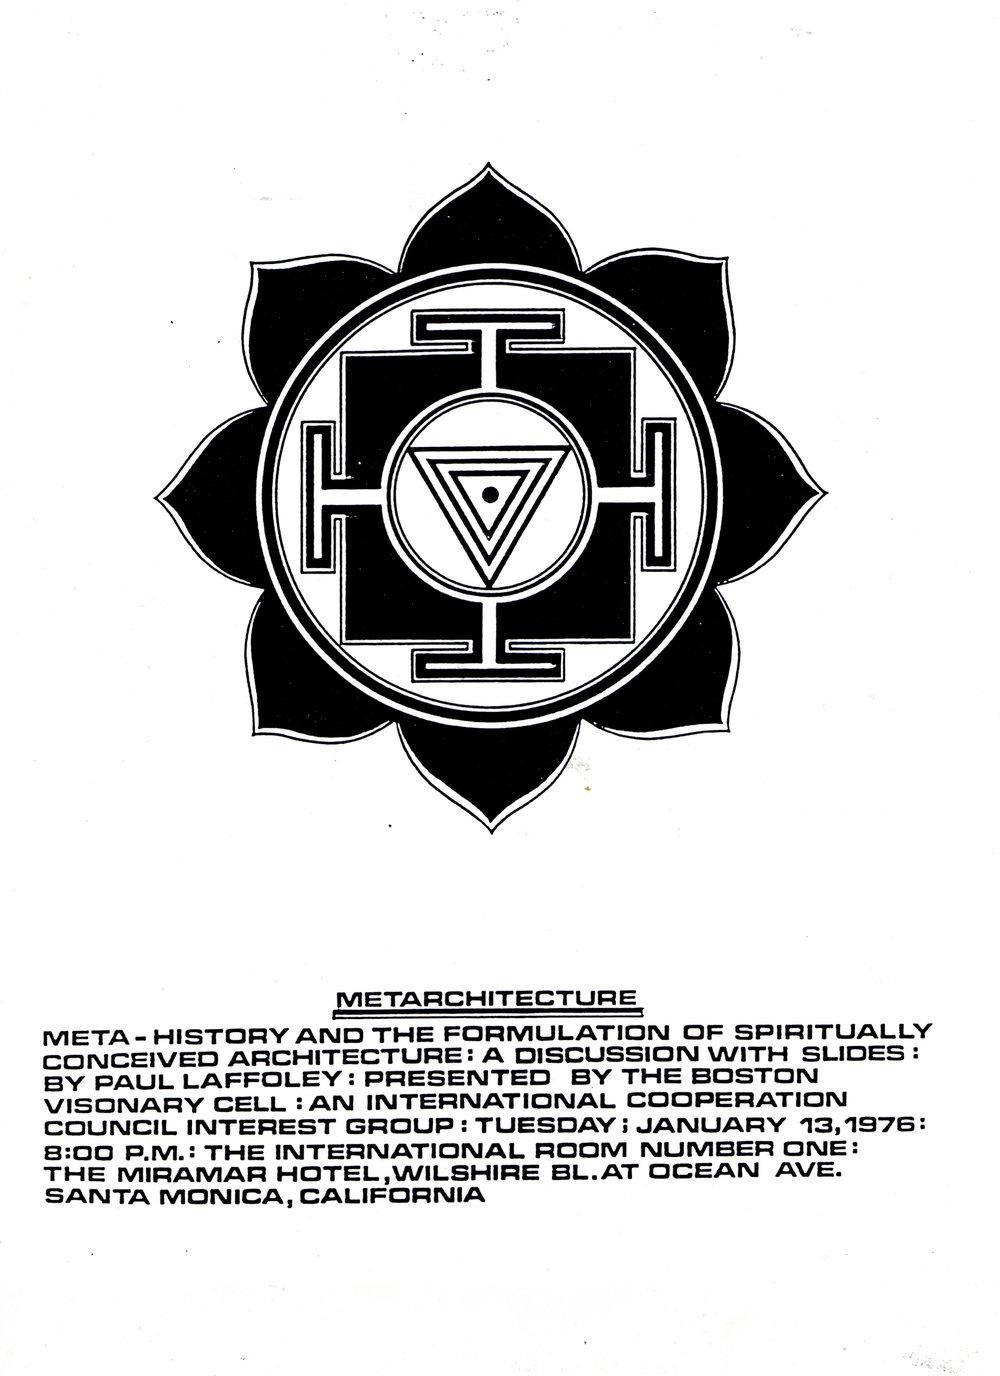 Metarchitecture Exhibition in Santa Monica, circa 1976